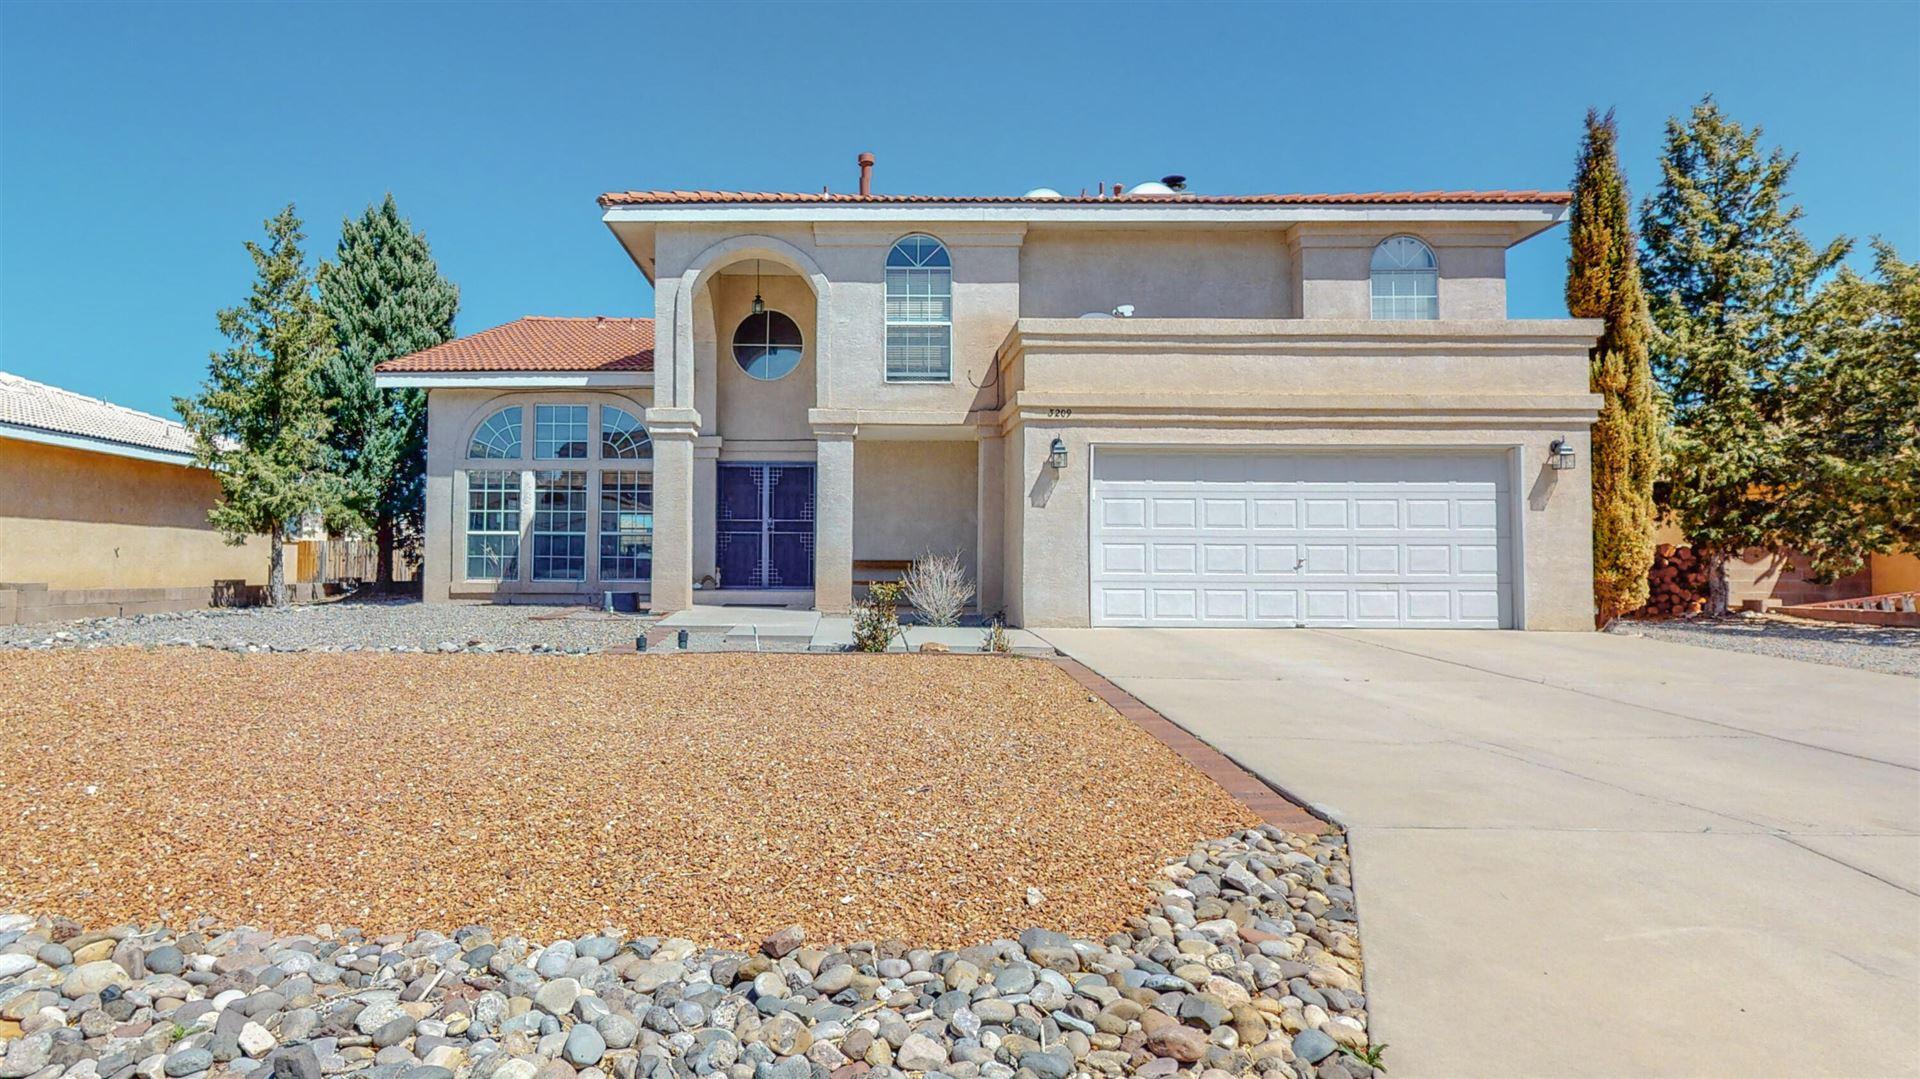 Photo of 3209 CHANDRA Lane SE, Rio Rancho, NM 87124 (MLS # 989501)